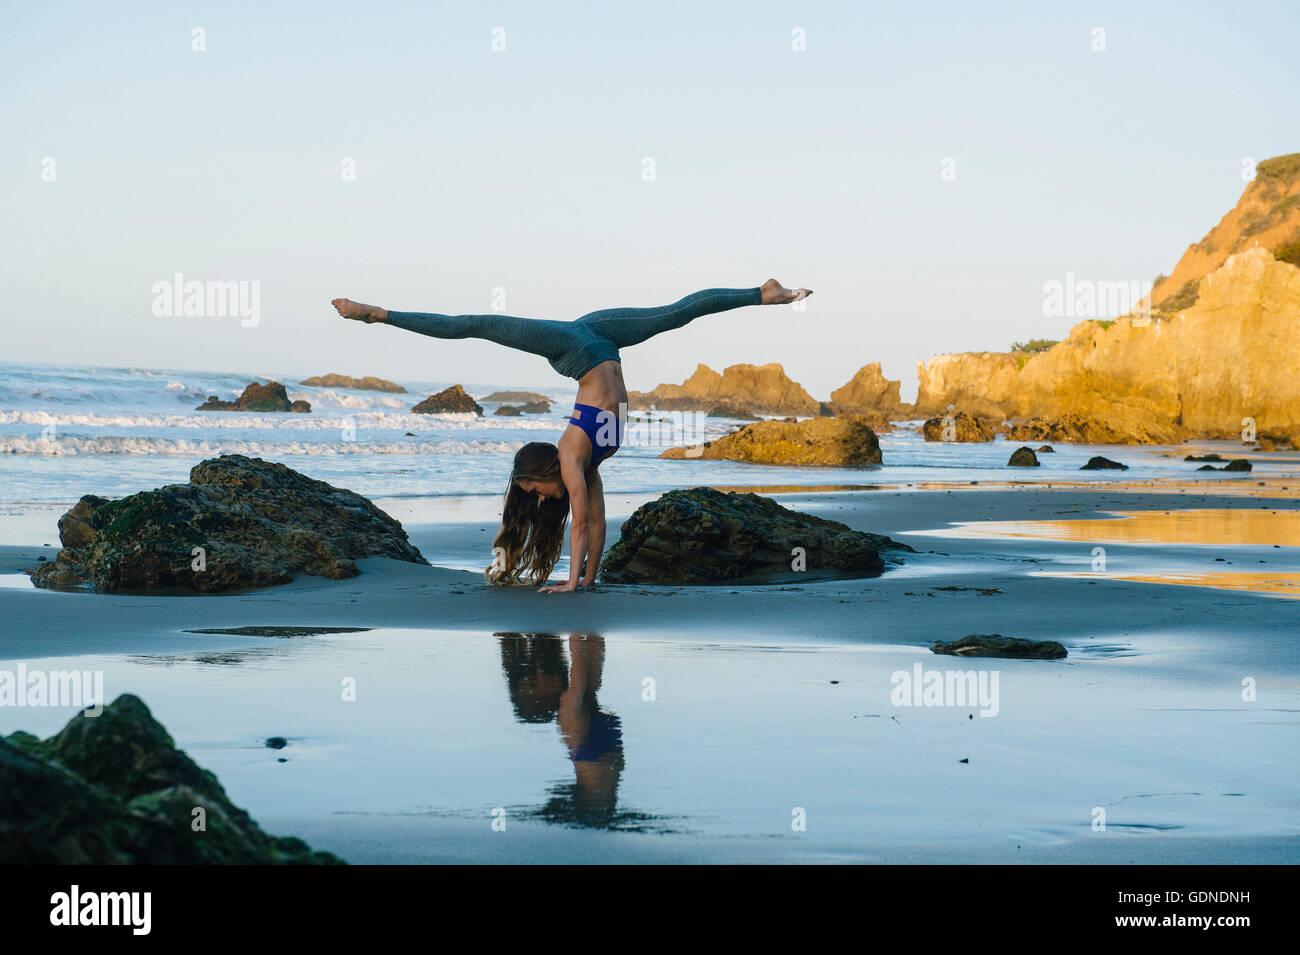 Junge Tänzerin balanciert im Handstand am Beach, Los Angeles, Kalifornien, USA Stockbild